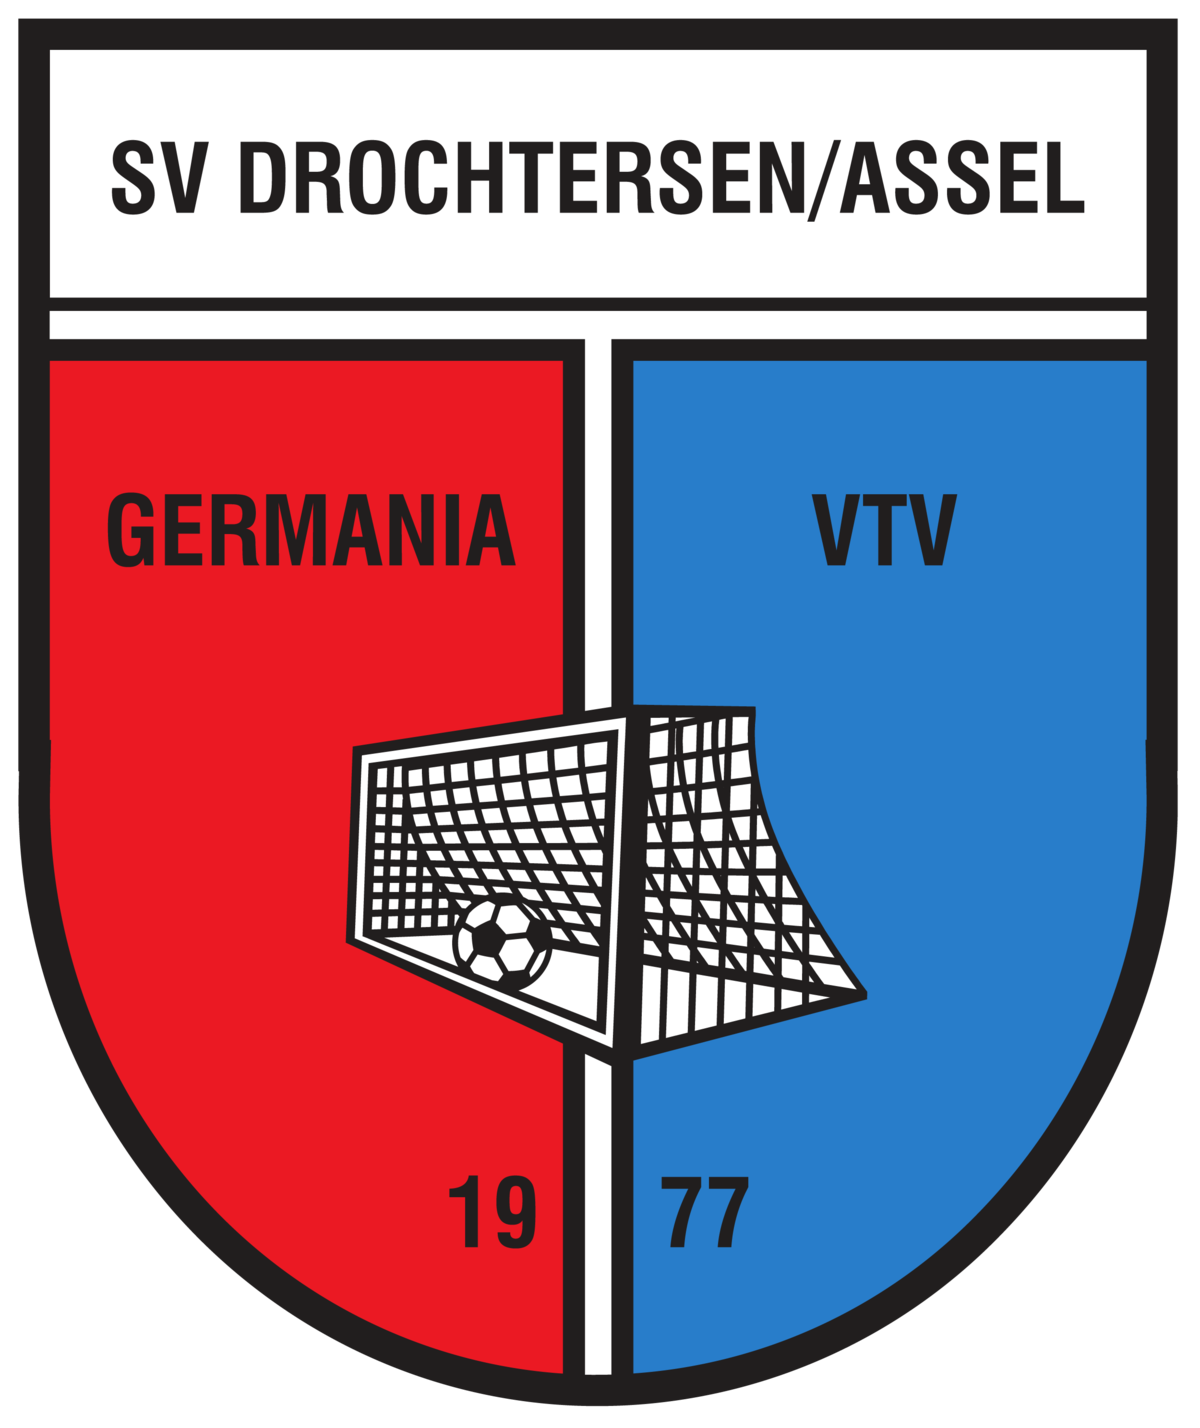 Drochtersen-Assel